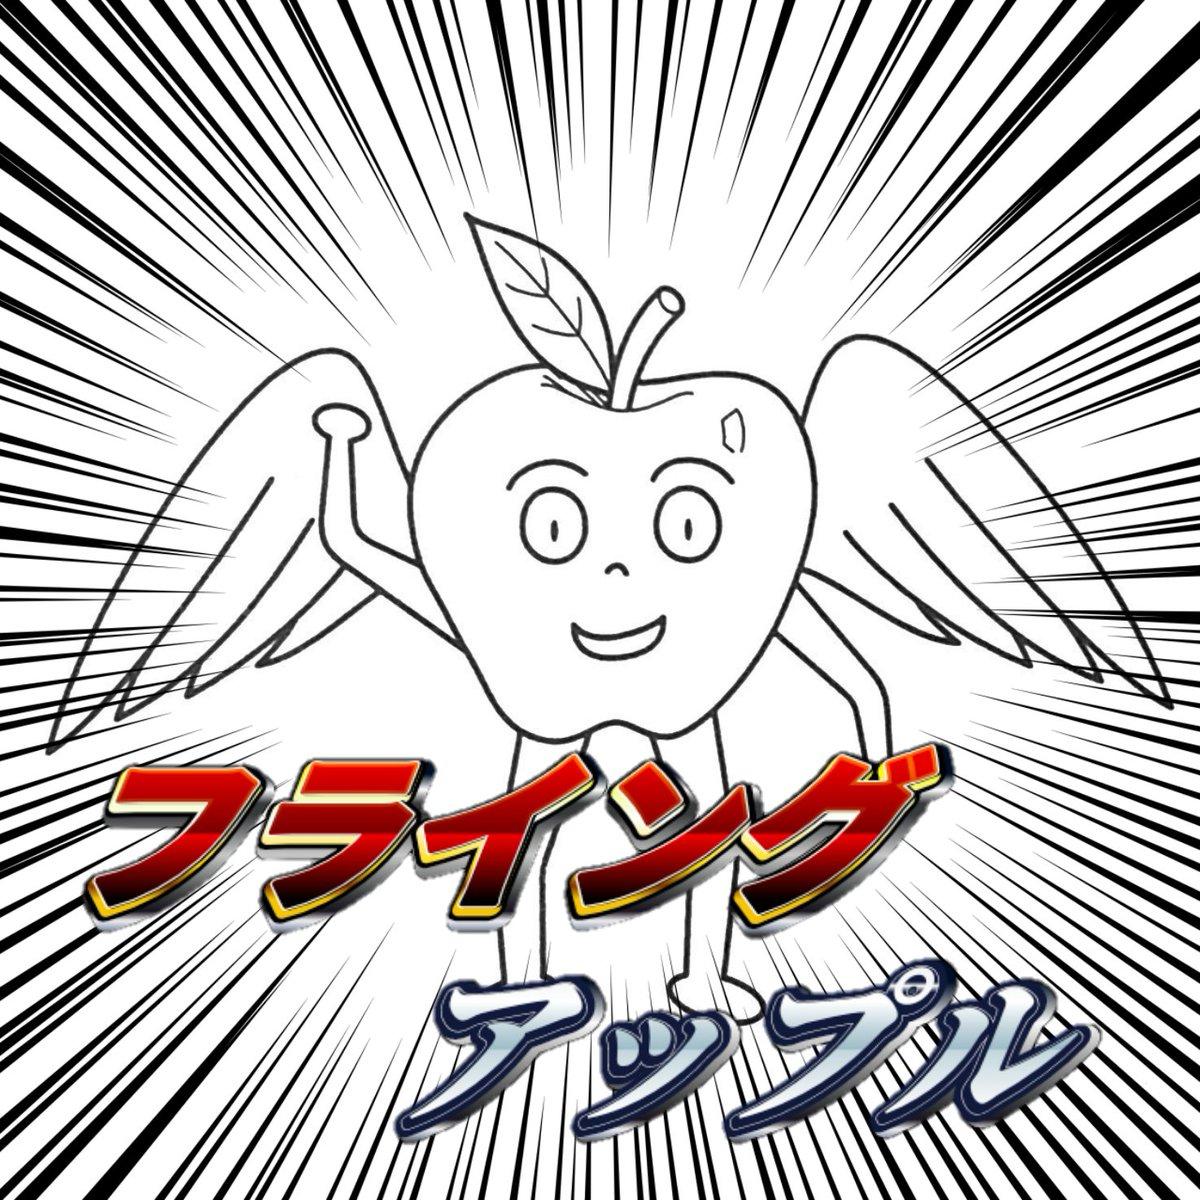 大学入試センター試験の謎の野菜...